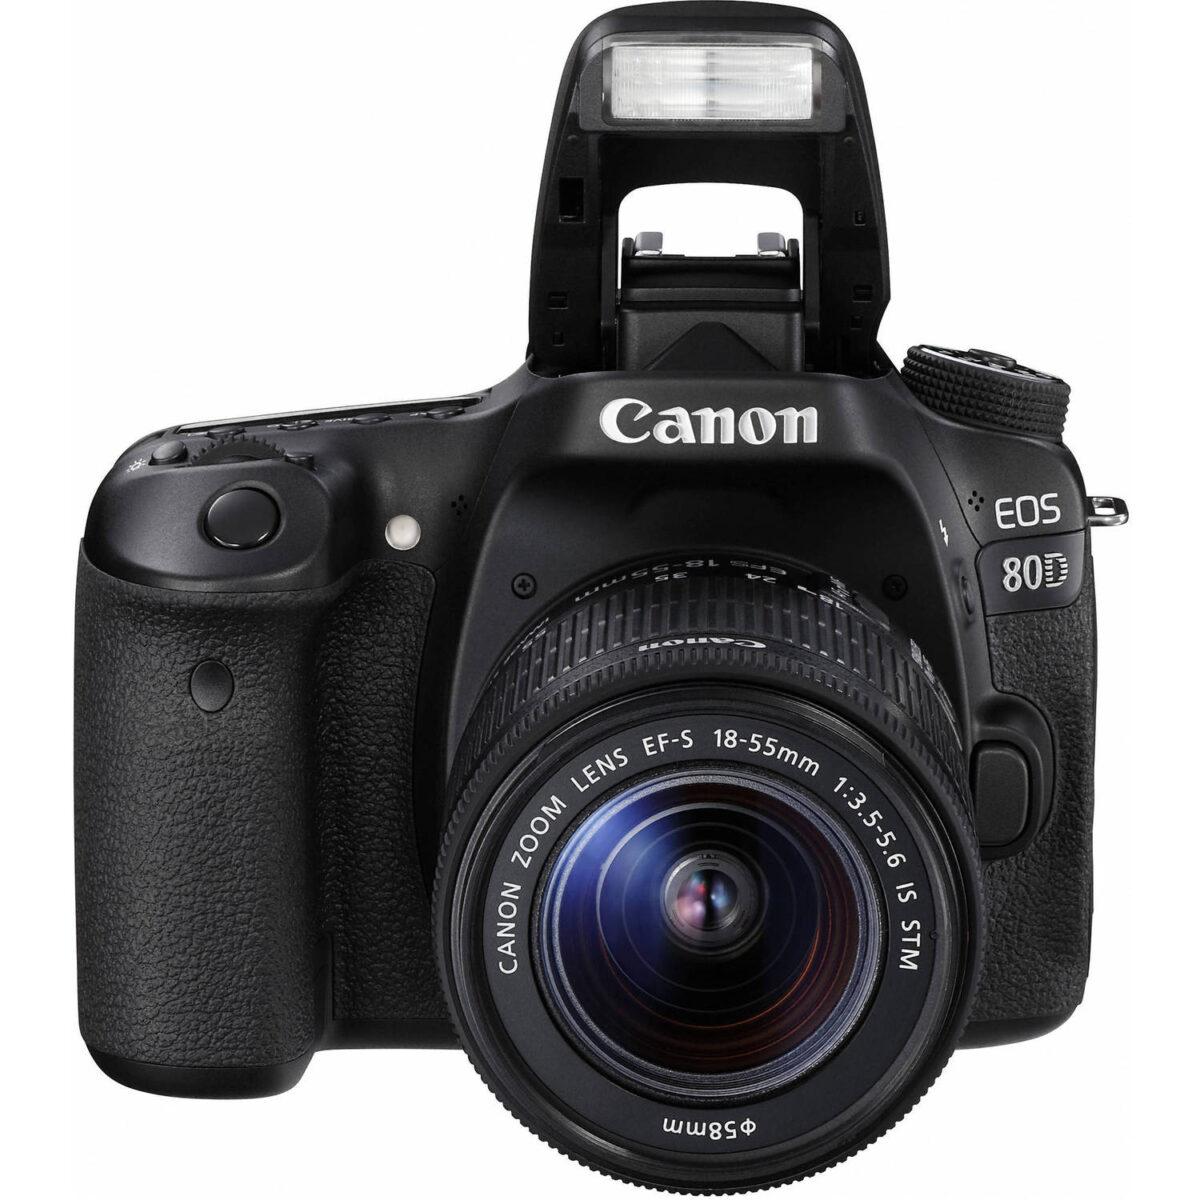 خرید آنلاین دوربین کانن 80D در فروشگاه یزد کمرا